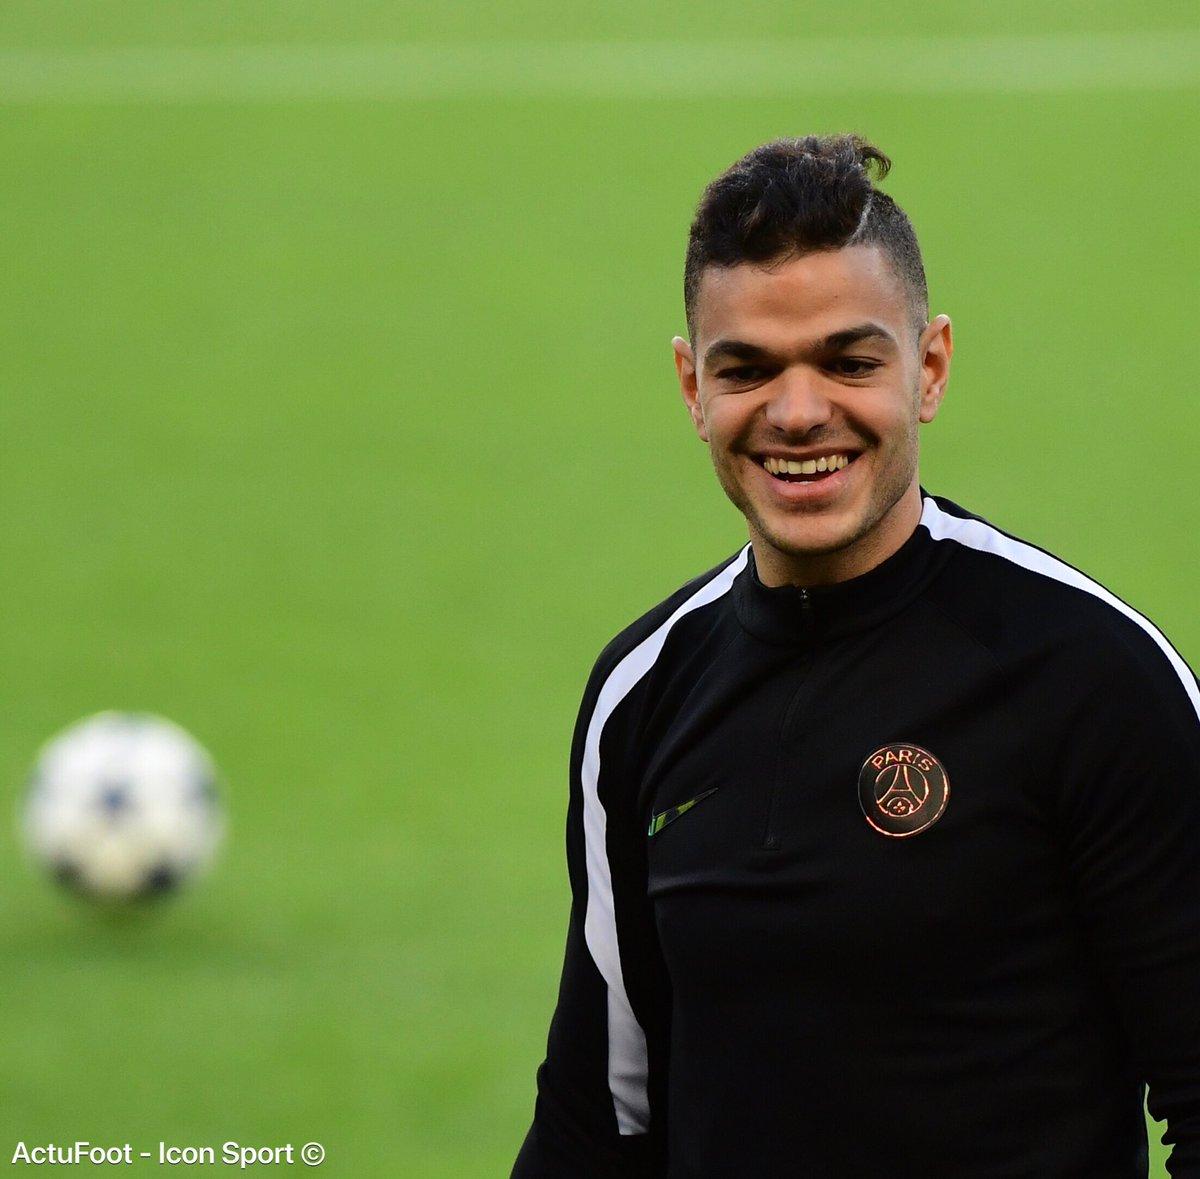 Avril 2017, à la sortie d'un entraînement, Hatem Ben Arfa se plaint à l'émir du Qatar de ne jamais pouvoir joindre Nasser al-Khelaïfi.  NAK, humilié, a ensuite juré que HBA ne porterait plus jamais le maillot du PSG. (@francefootball)